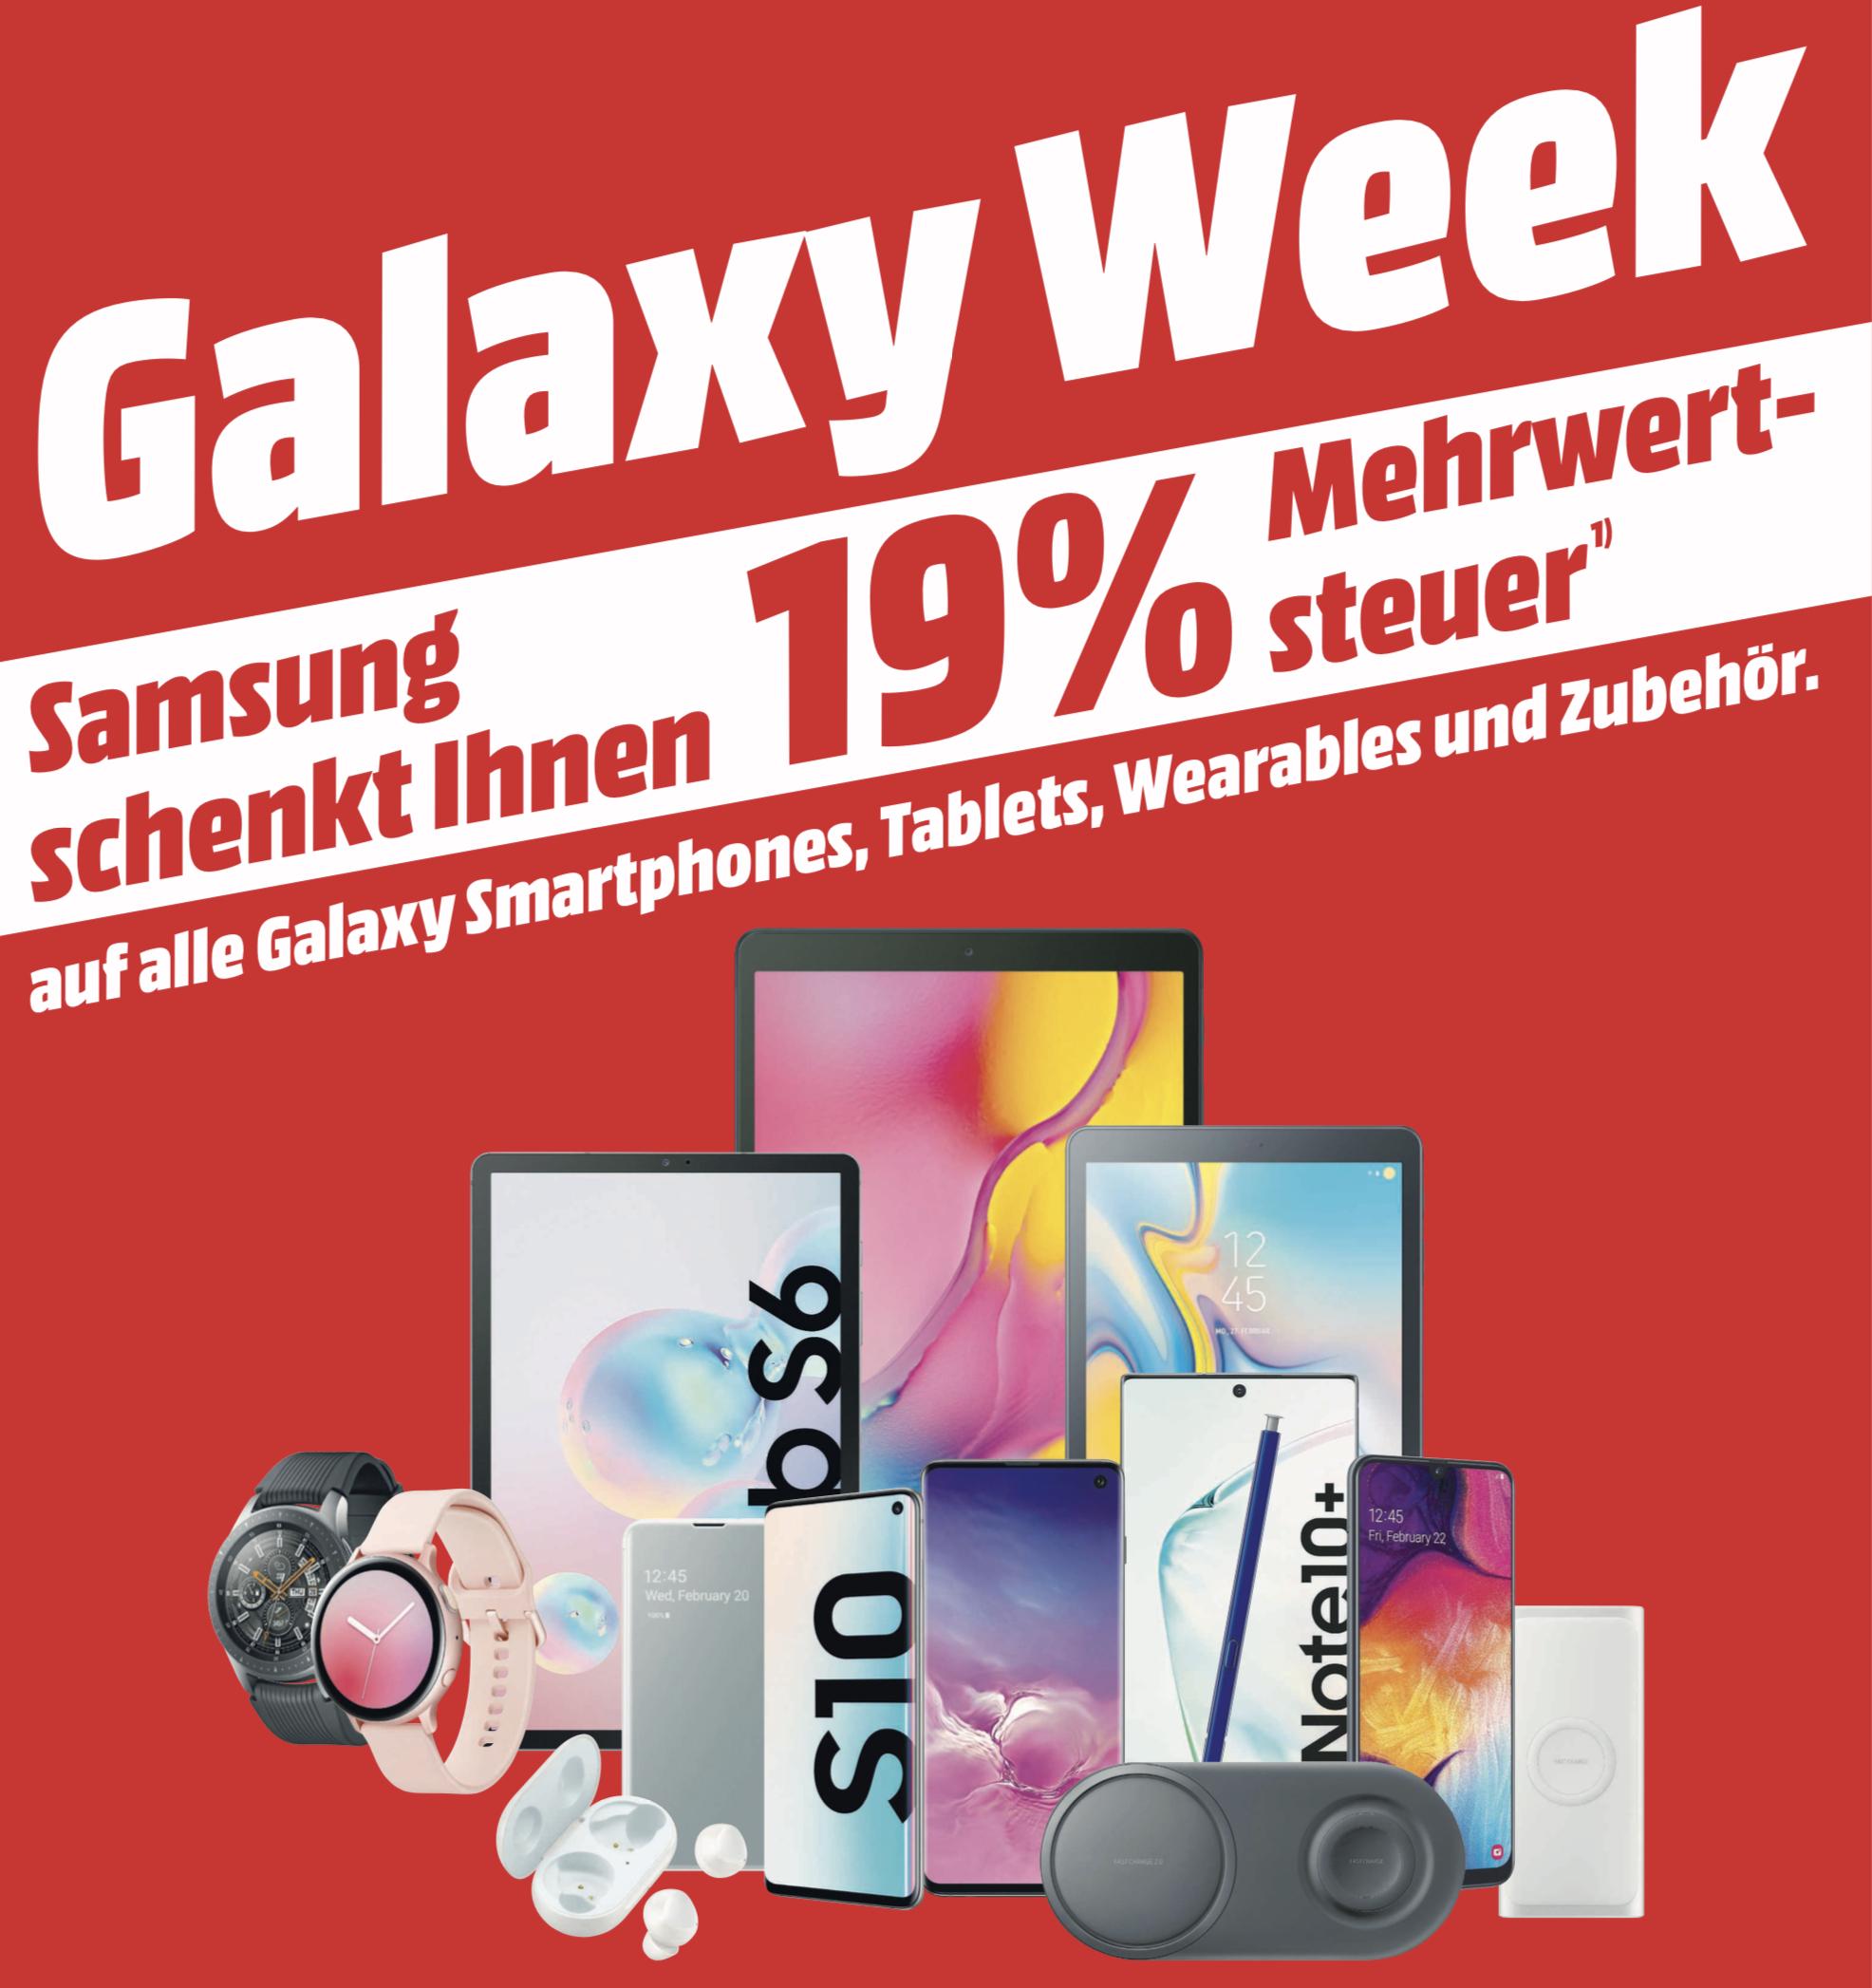 19% Mehrwertsteuer geschenkt auf Samsung Galaxy Produkte - entspricht 15,96% Rabatt - [Mediamarkt/Saturn]